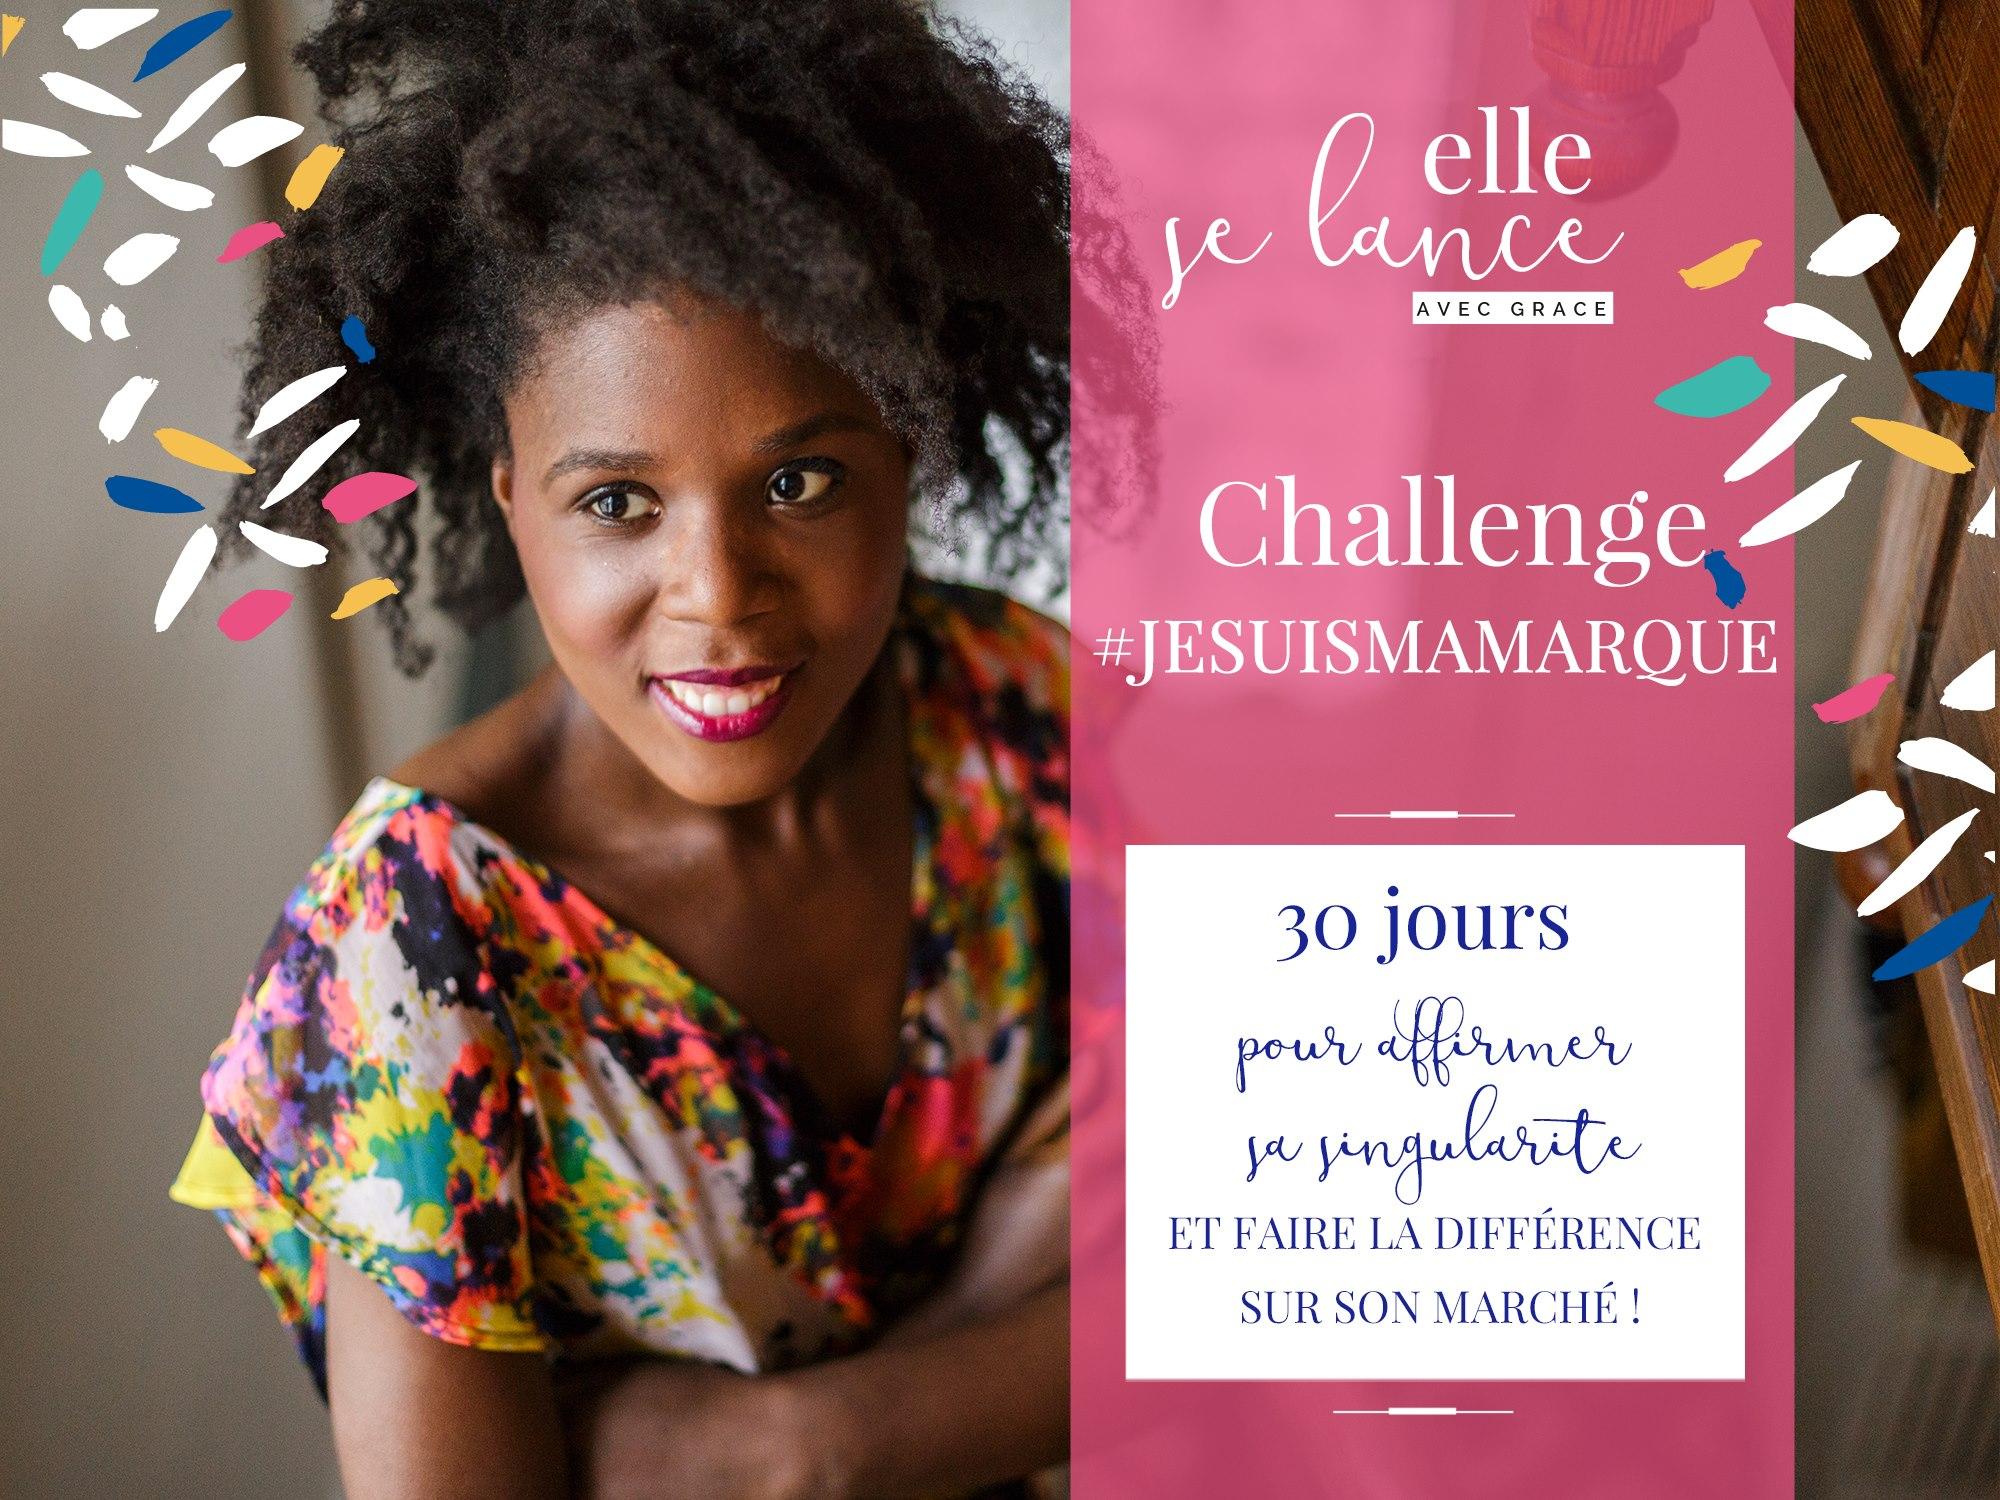 Challenge #jesuismamarque